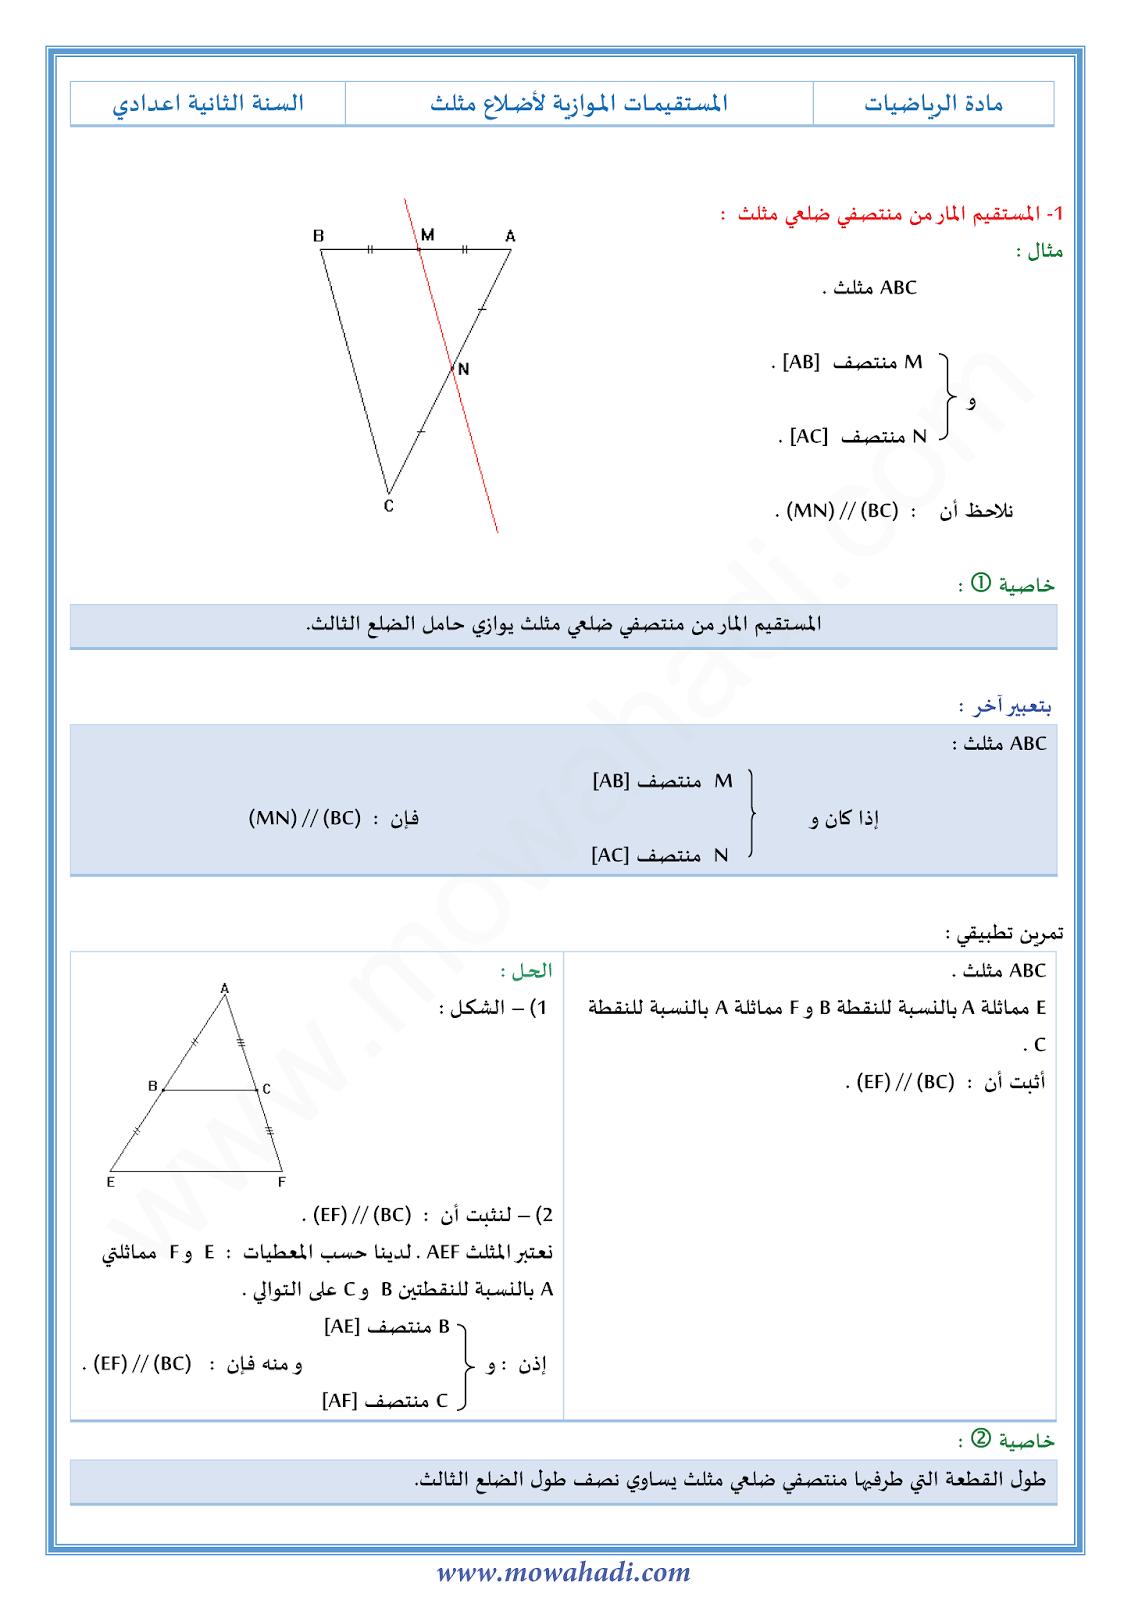 المستقيمات الموازية لأضلاع مثلث